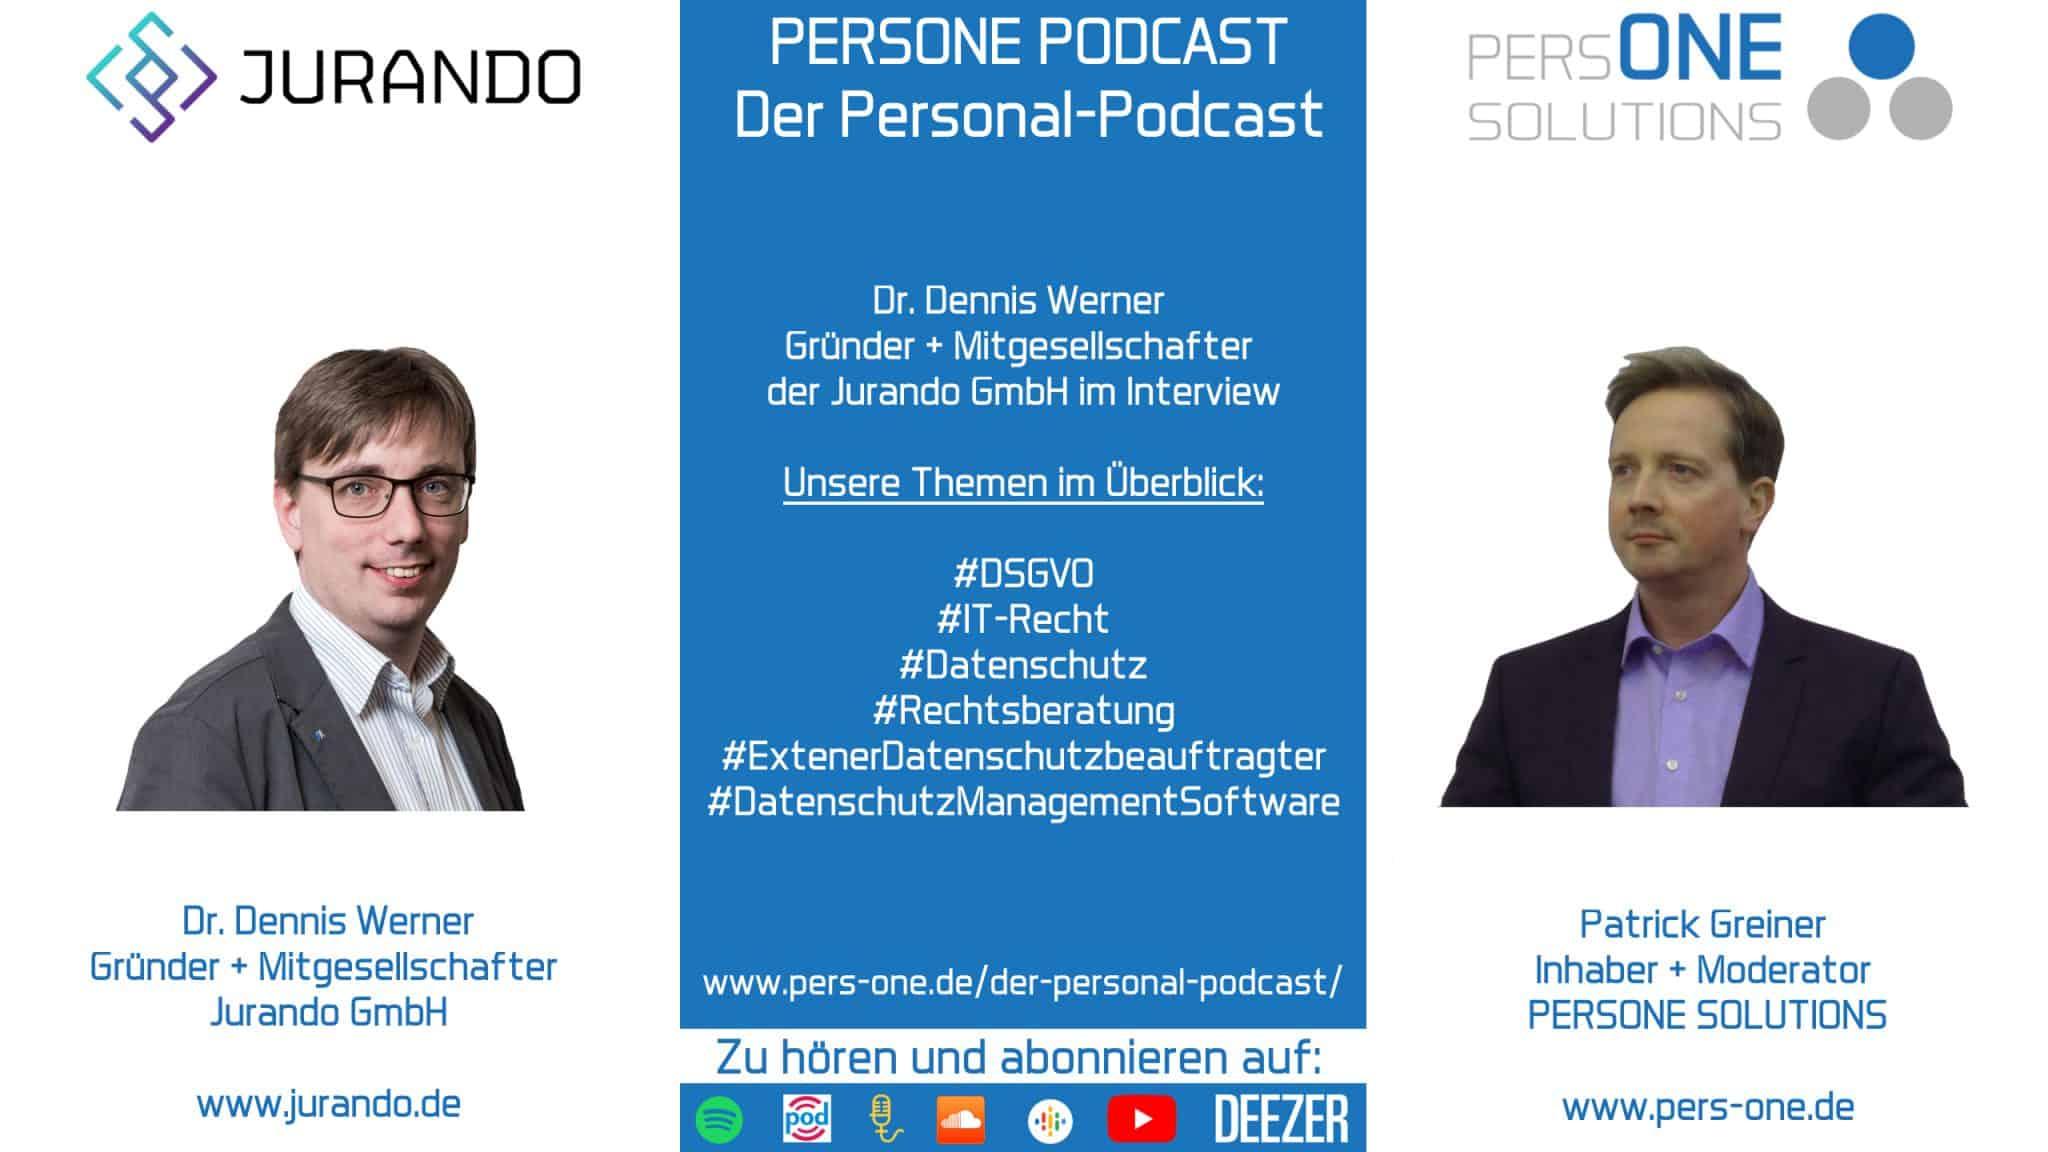 Dr. Dennis Werner Jurando GmbH